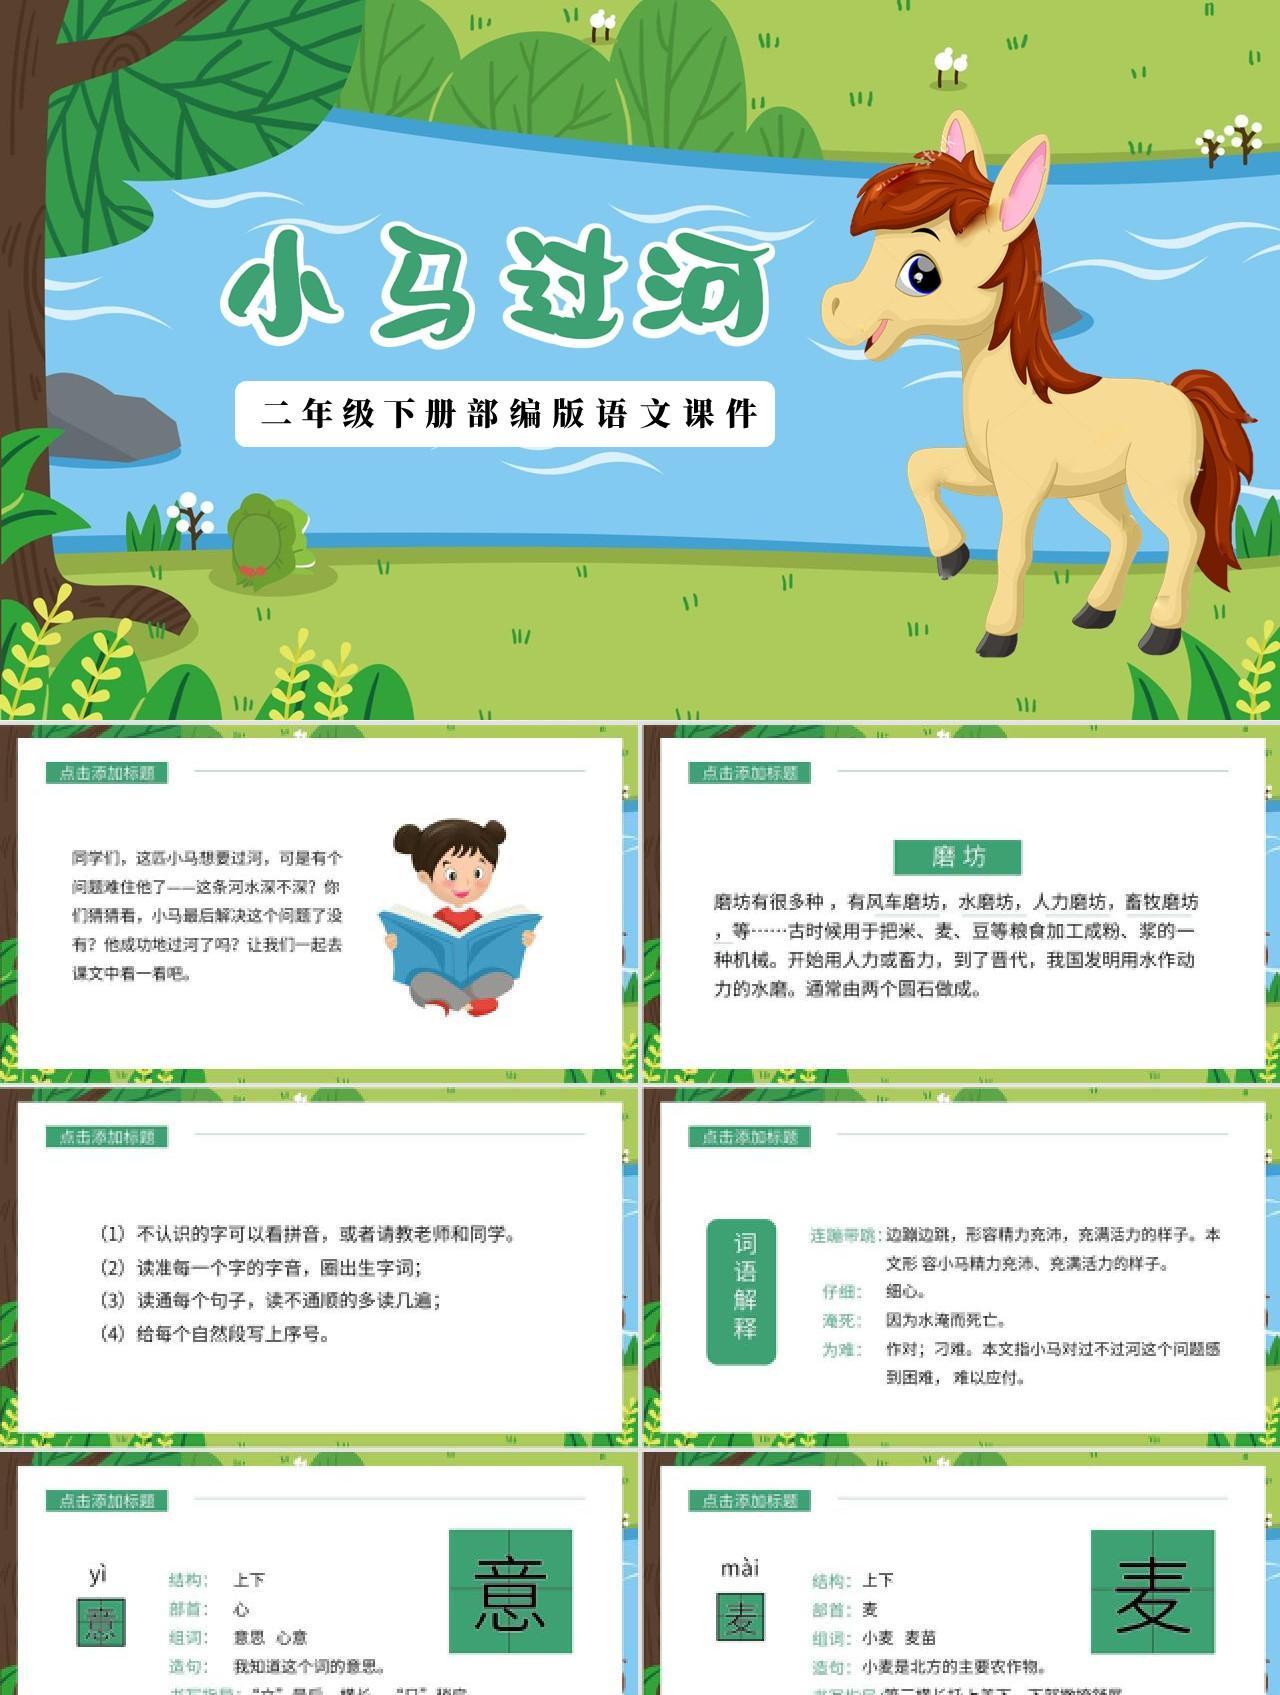 绿色卡通风小马过河二年级语文下册课件PPT模板